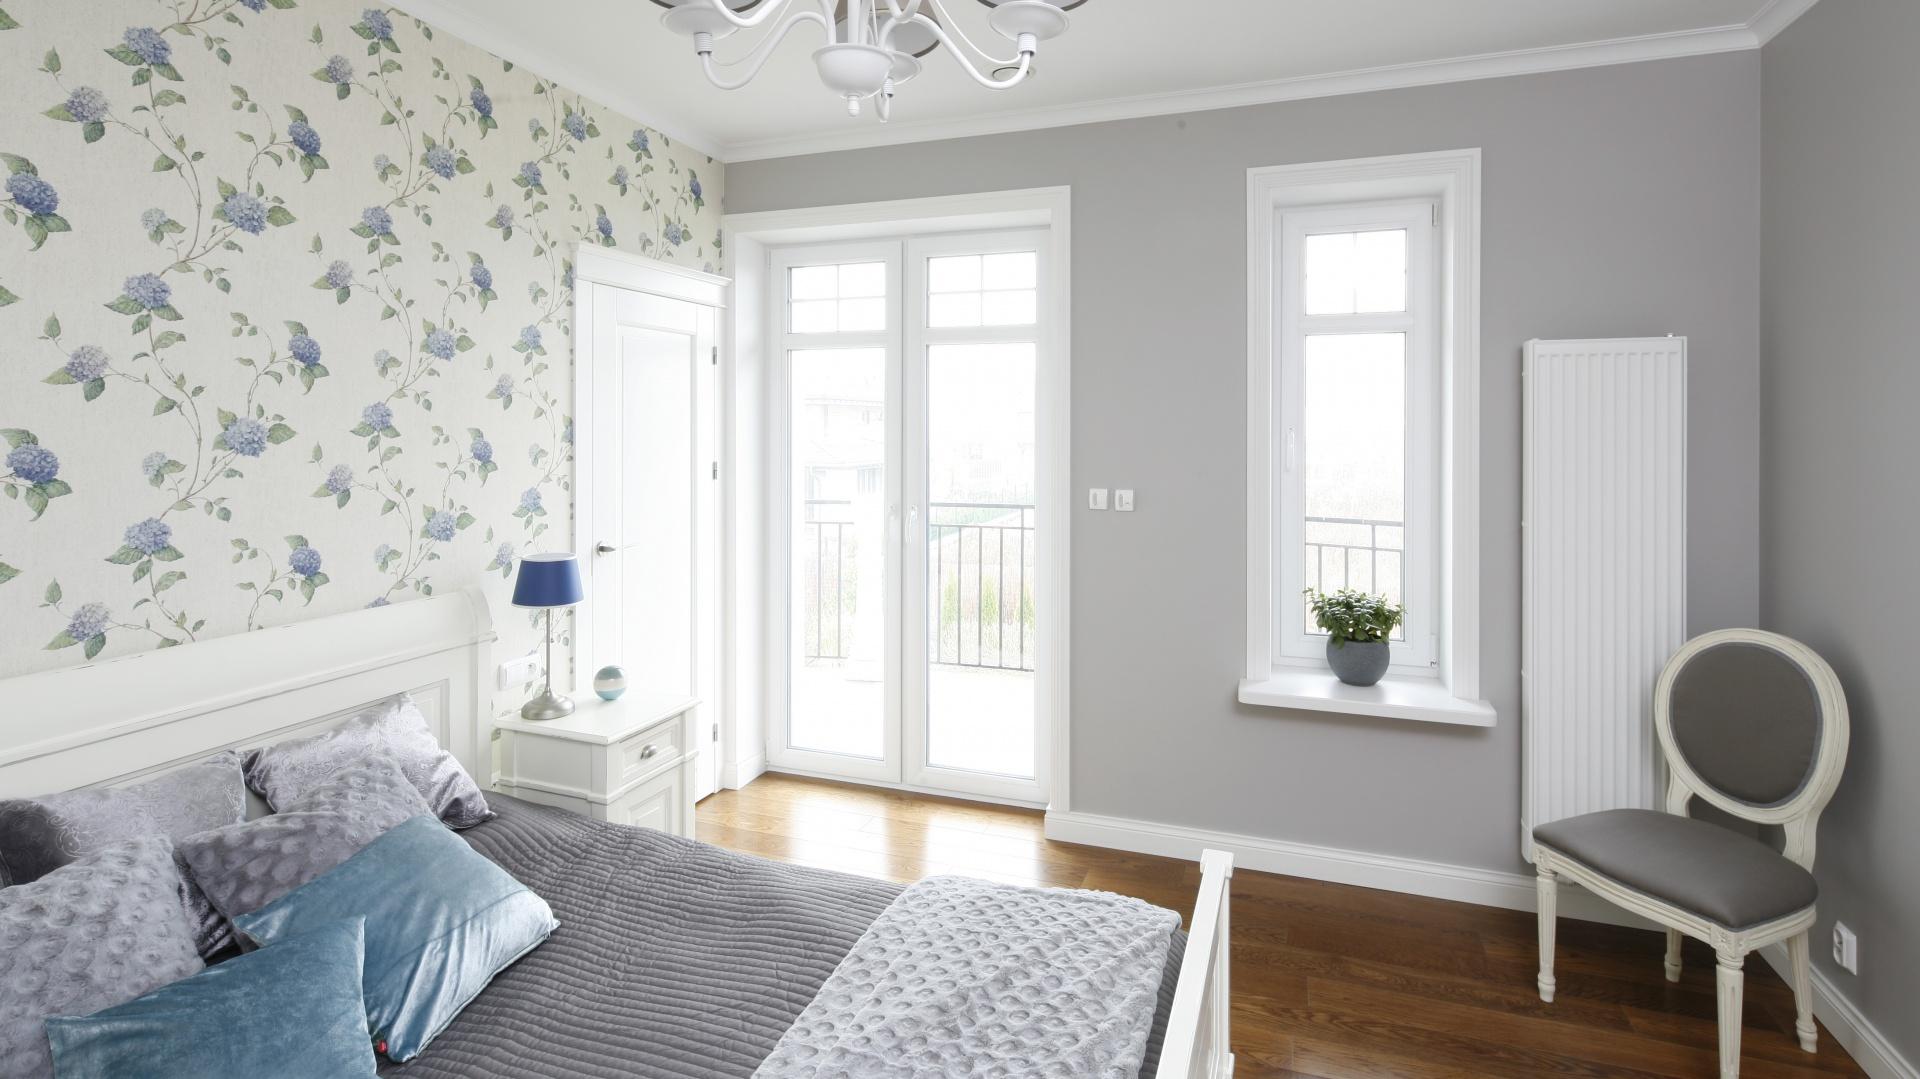 Sypialnia Z łazienką Gotowy Projekt Wnętrza Piękne Zdjęcia